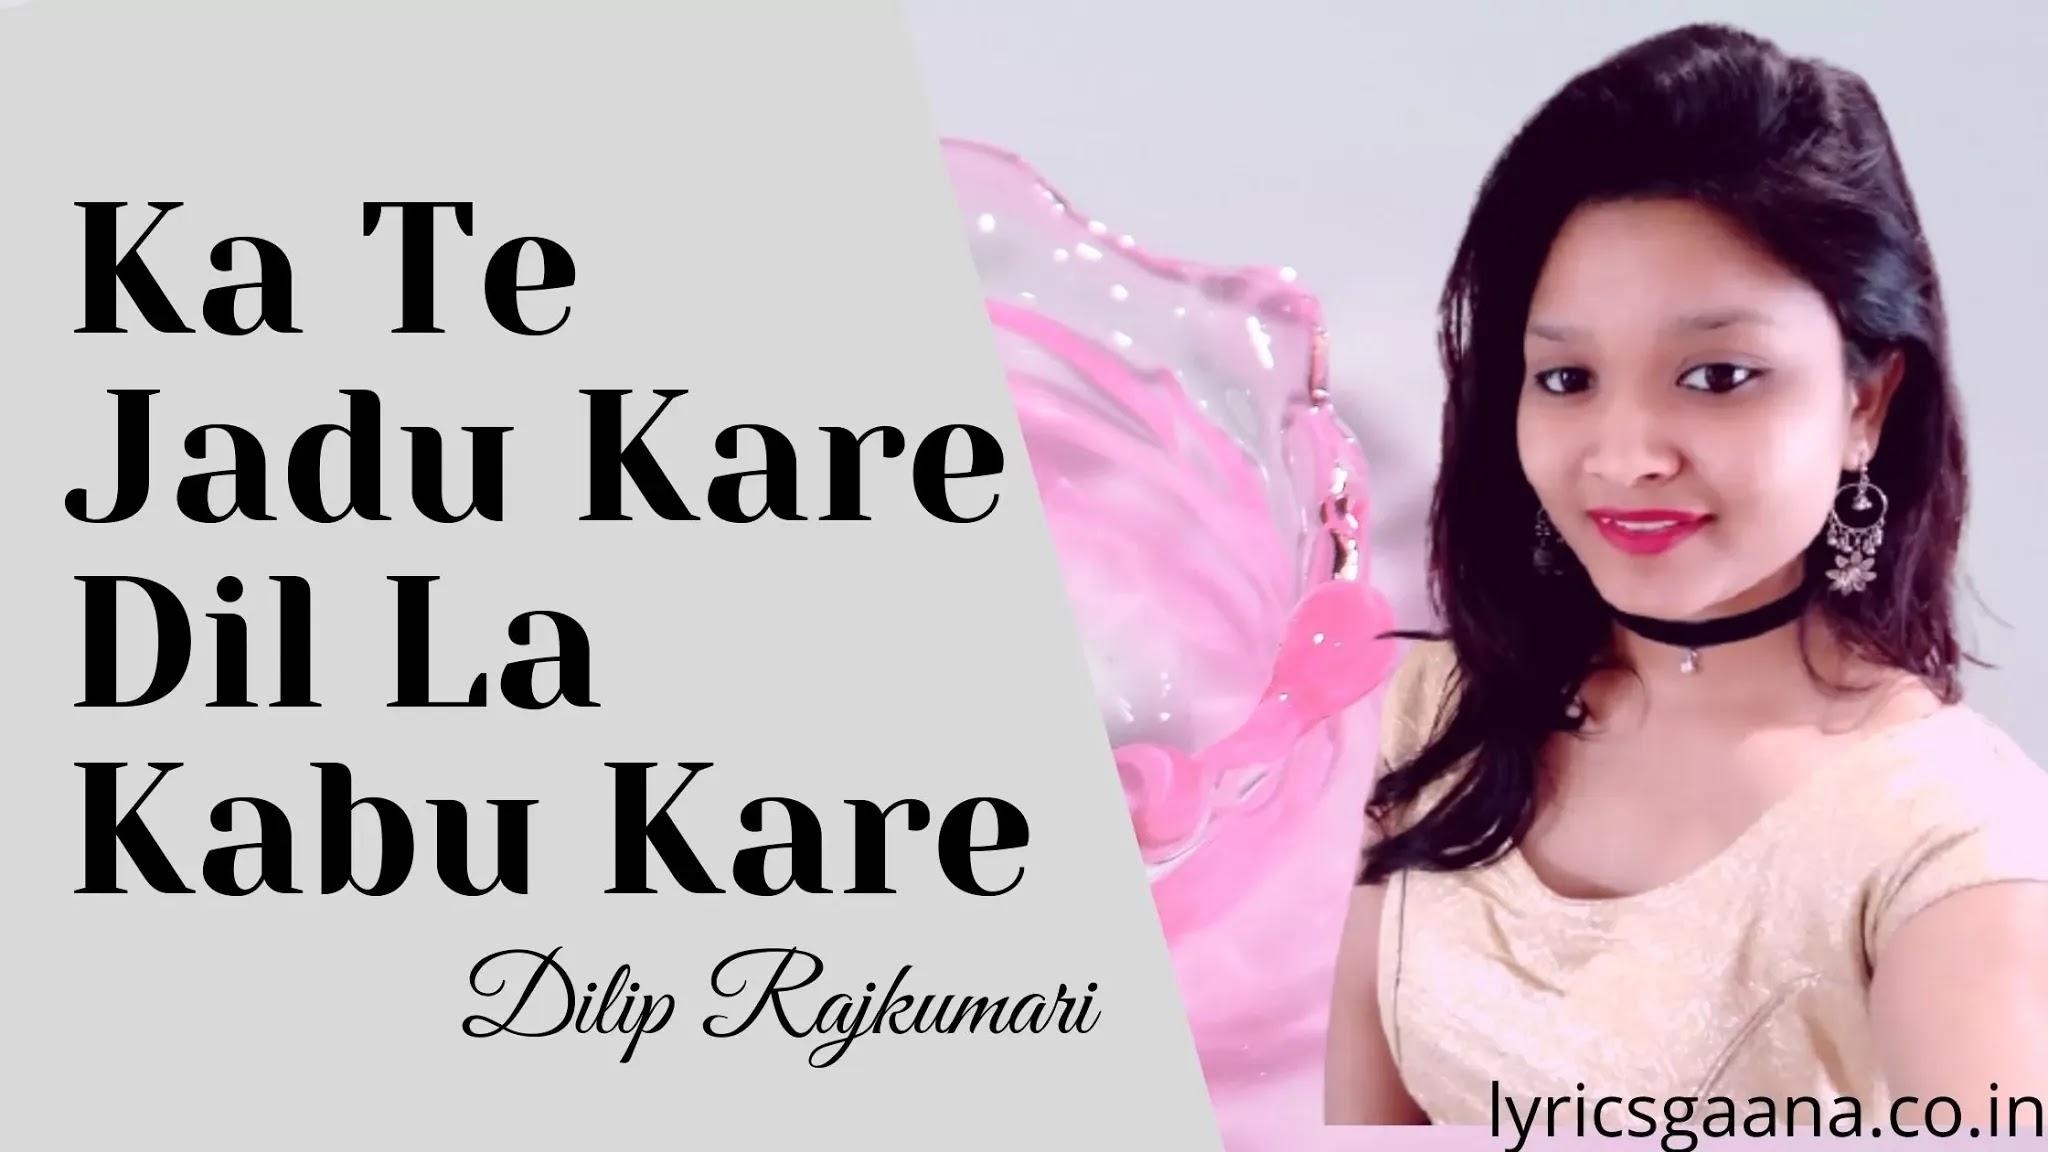 Ka Tai Jadu Kare Cg Song Lyrics  का तैं जादू करे